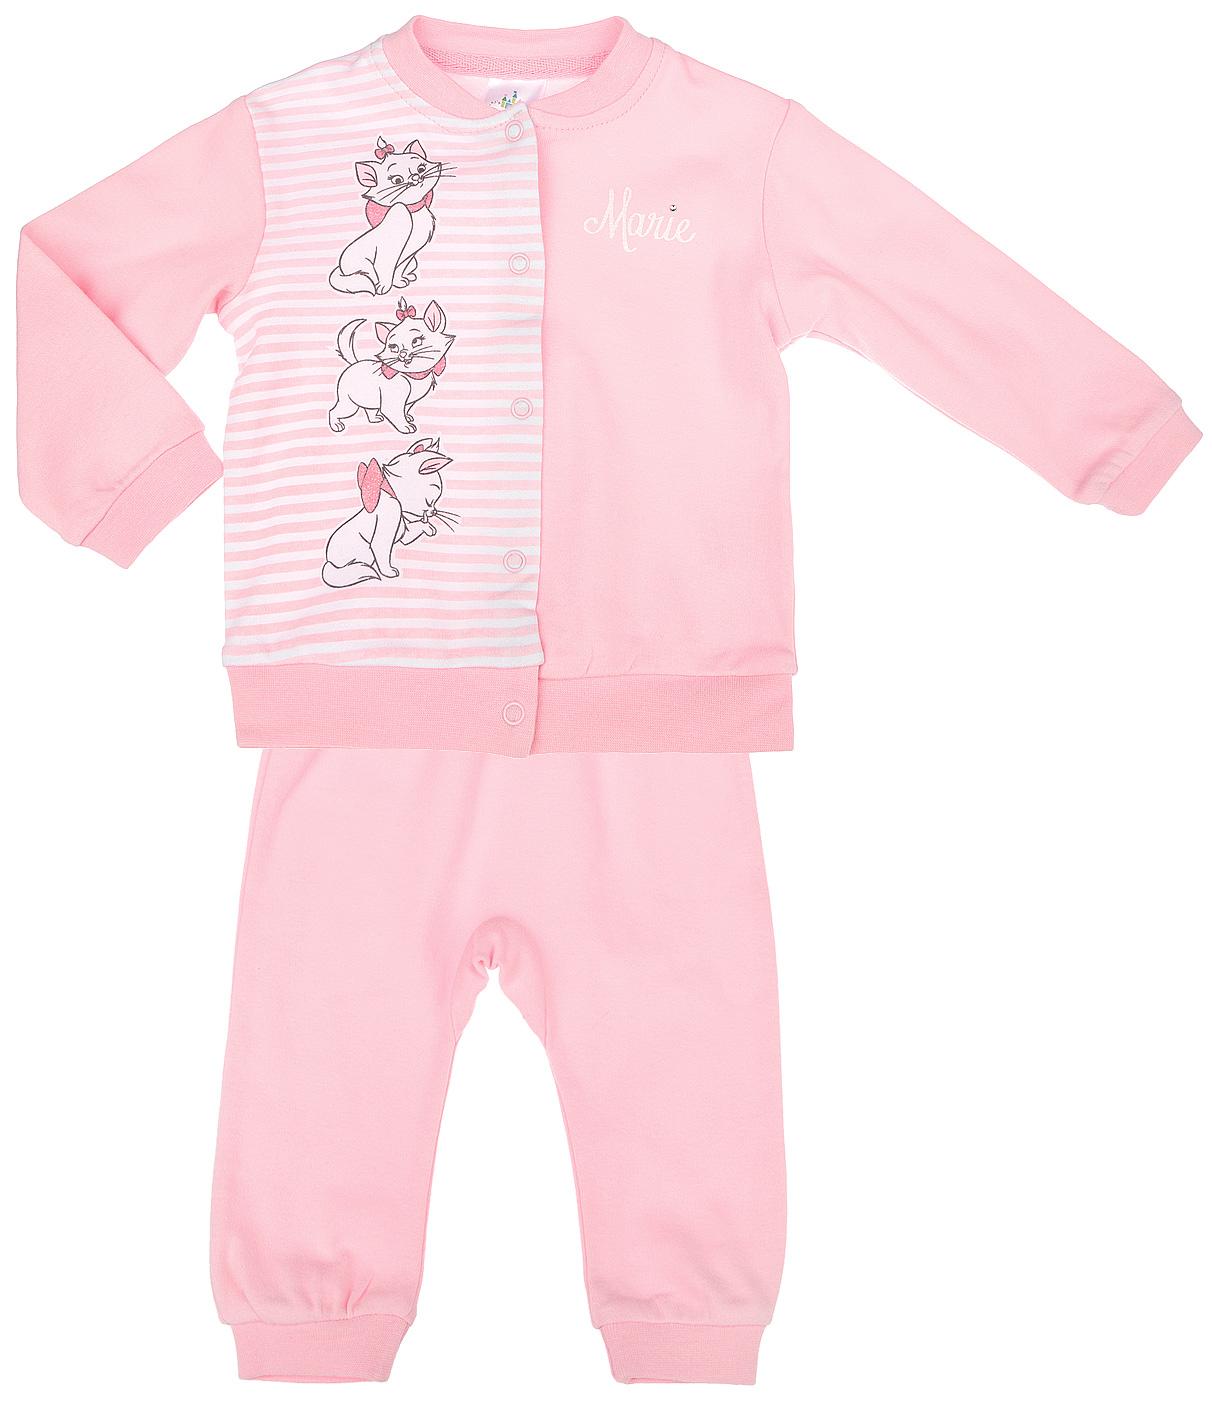 Комплект одежды668801Комплект для девочки PlayToday Disney Baby, состоящий из кофточки и штанишек на широком поясе, идеально подойдет вашей маленькой принцессе. Изготовленный из натурального хлопка, он необычайно мягкий и приятный на ощупь, не сковывает движения ребенка и позволяет коже дышать, не раздражает даже самую нежную и чувствительную кожу малышки, обеспечивая наибольший комфорт. Кофточка с длинными рукавами застегивается на металлические кнопки по всей длине, которые позволяют с легкостью переодеть ребенка. Воротник, рукава и низ изделия дополнены эластичными резинками. Оформлено изделие принтом в полоску, а также изображением кошечки Marie. Украшена кофточка мелкими стразами и блестками. Штанишки, благодаря широкому эластичному поясу, не сдавливают животик ребенка и не сползают, обеспечивая ему наибольший комфорт, идеально подходят для ношения с подгузником и без него. Снизу брючины дополнены неширокими трикотажными манжетами, не пережимающими ножку. В таком комплект ваша...